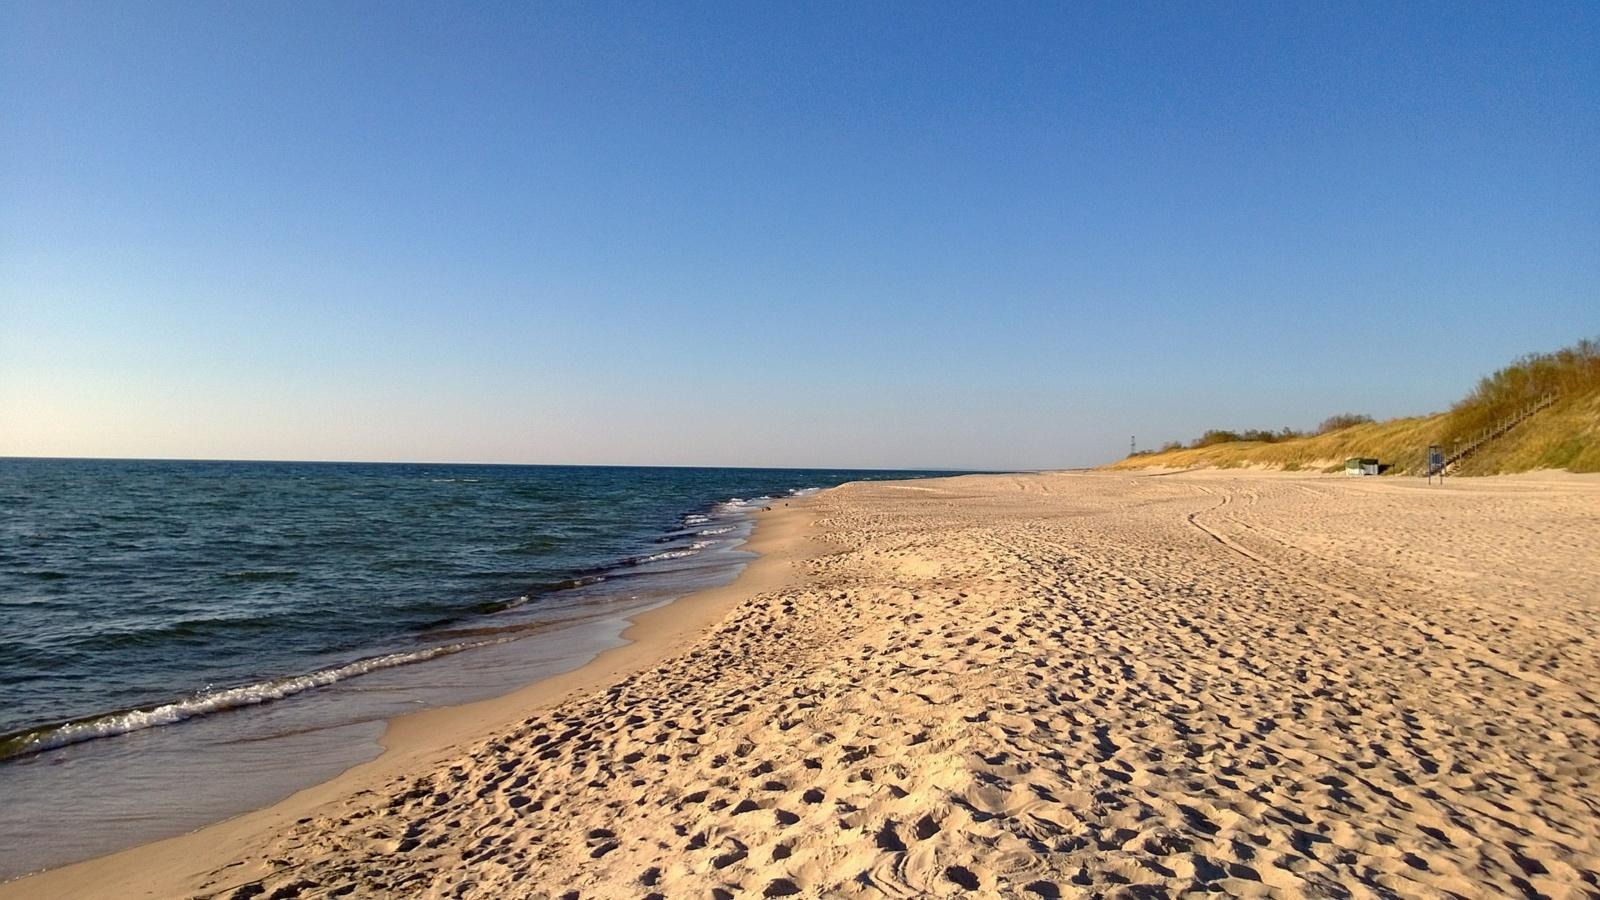 Klaipėdos paplūdimys dienai taps futbolo aikšte